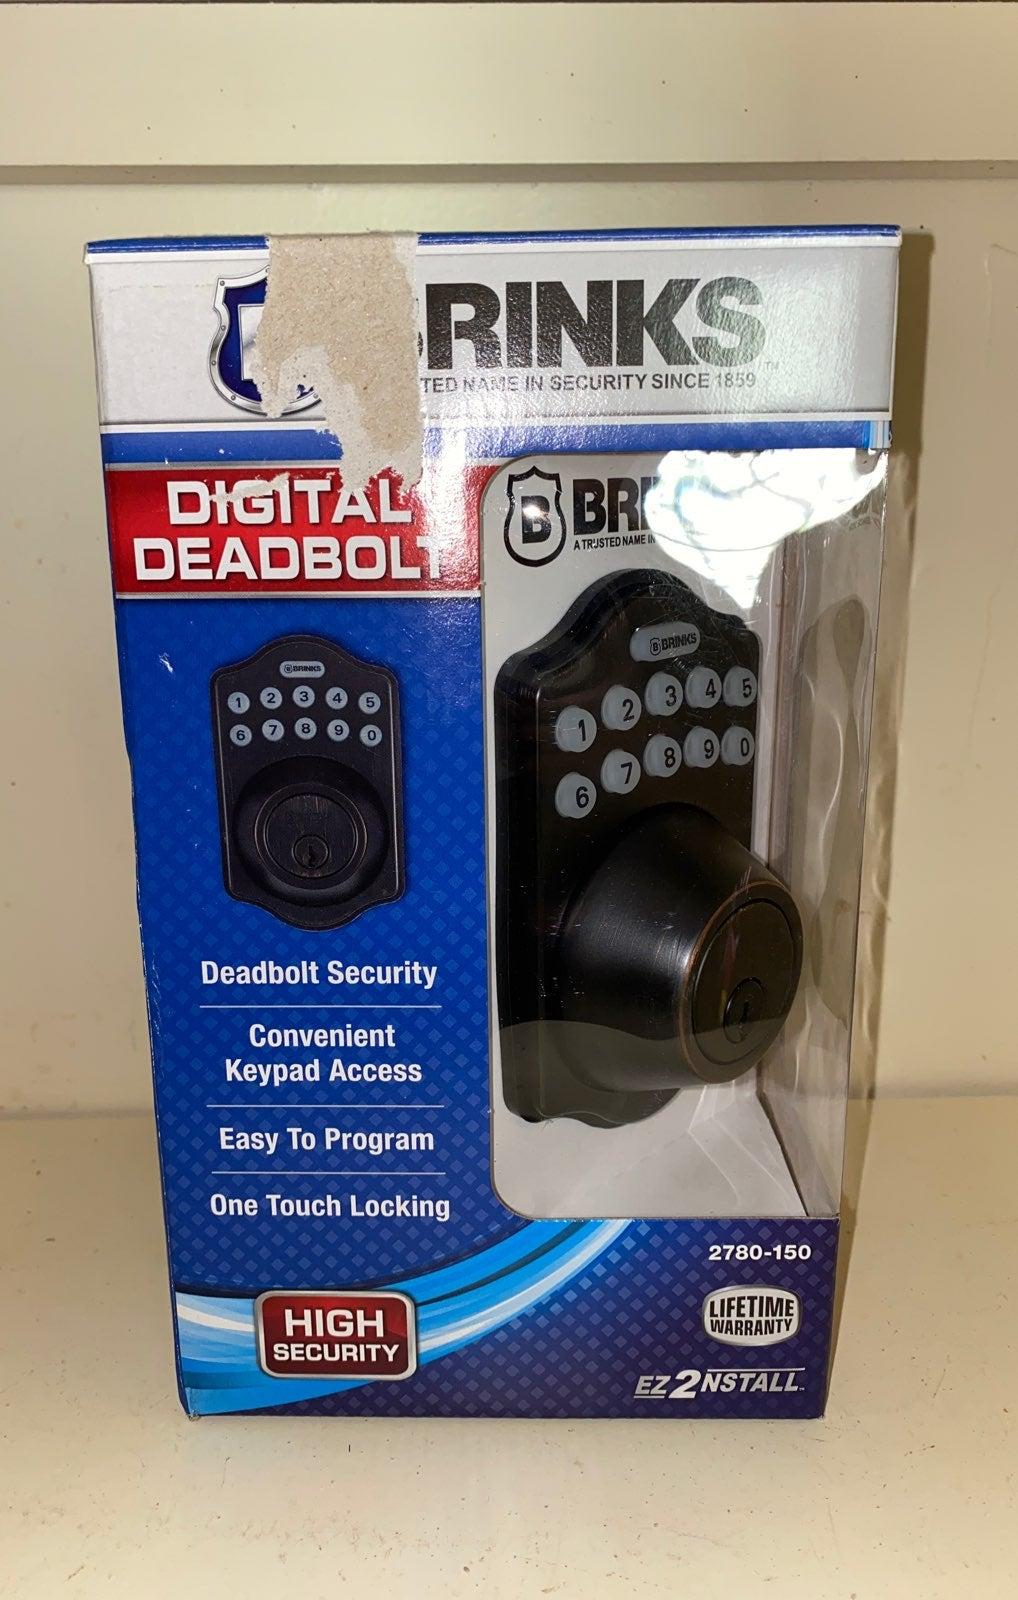 Brinks digital deadbolt